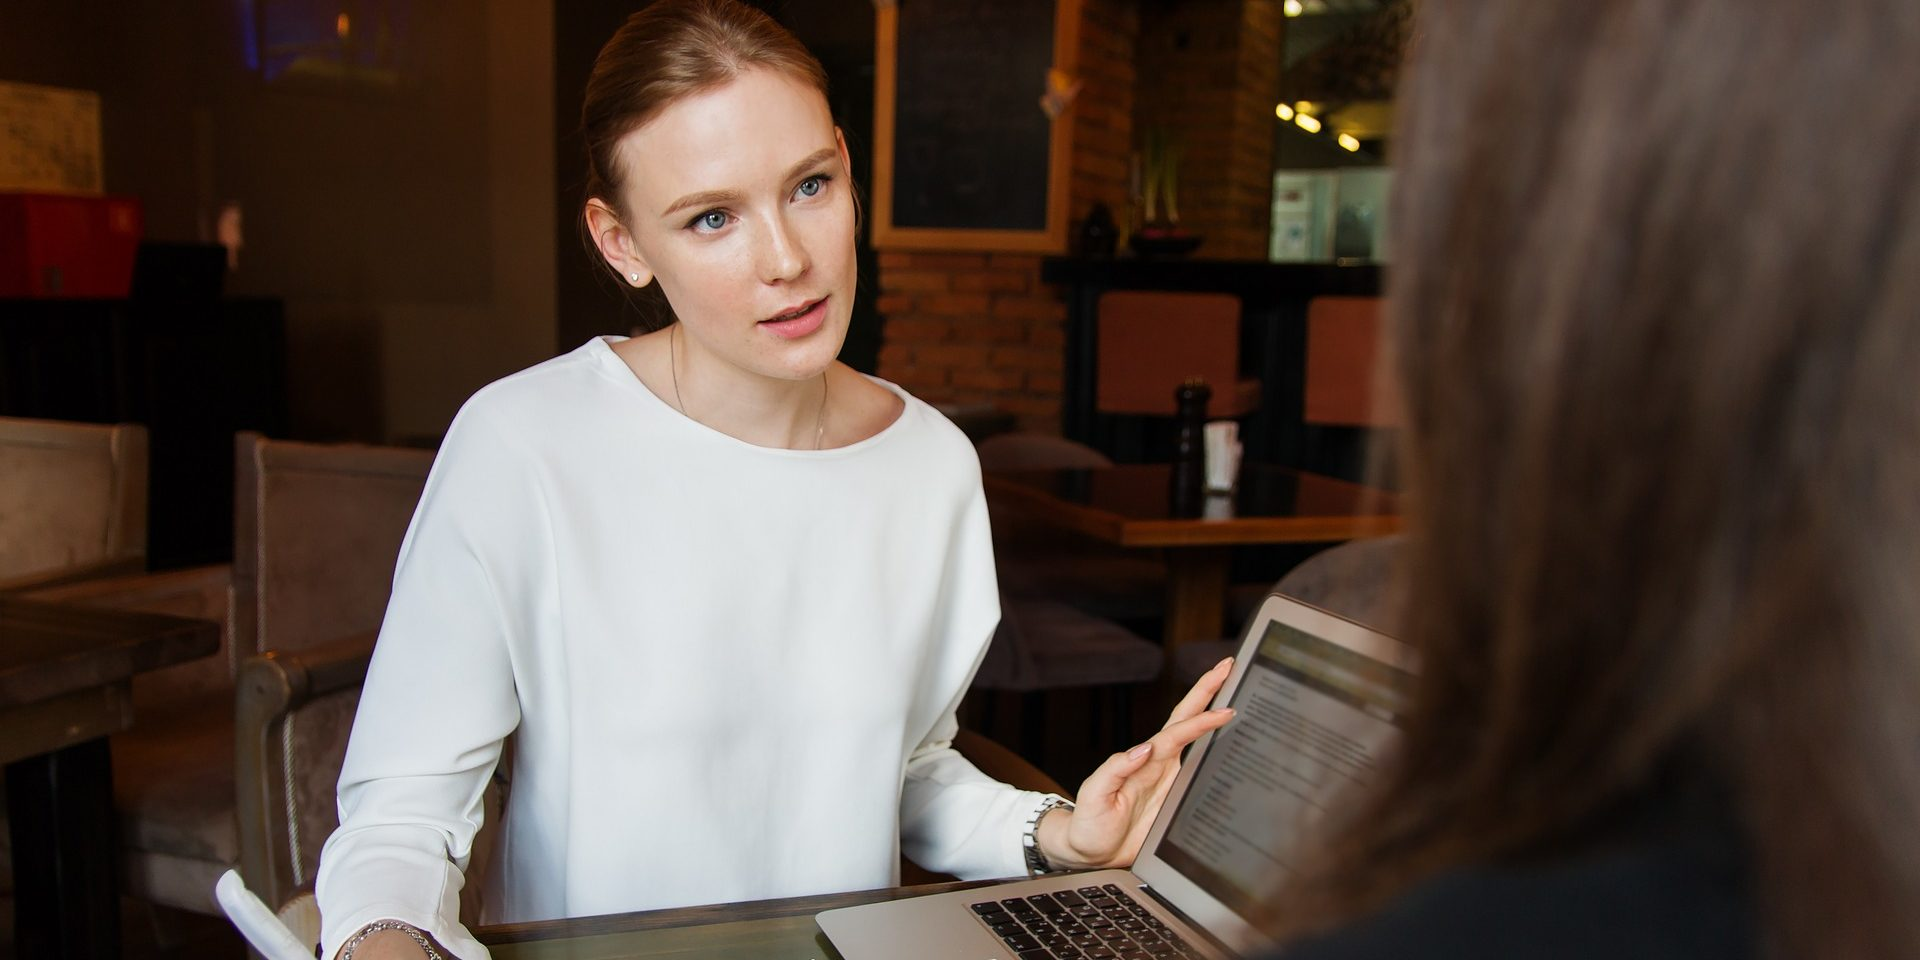 Das Foto zeigt eine Businessfrau mit Laptop und Notizen im Gespräch mit einer weiteren nicht eindeutig erkennbaren Person.